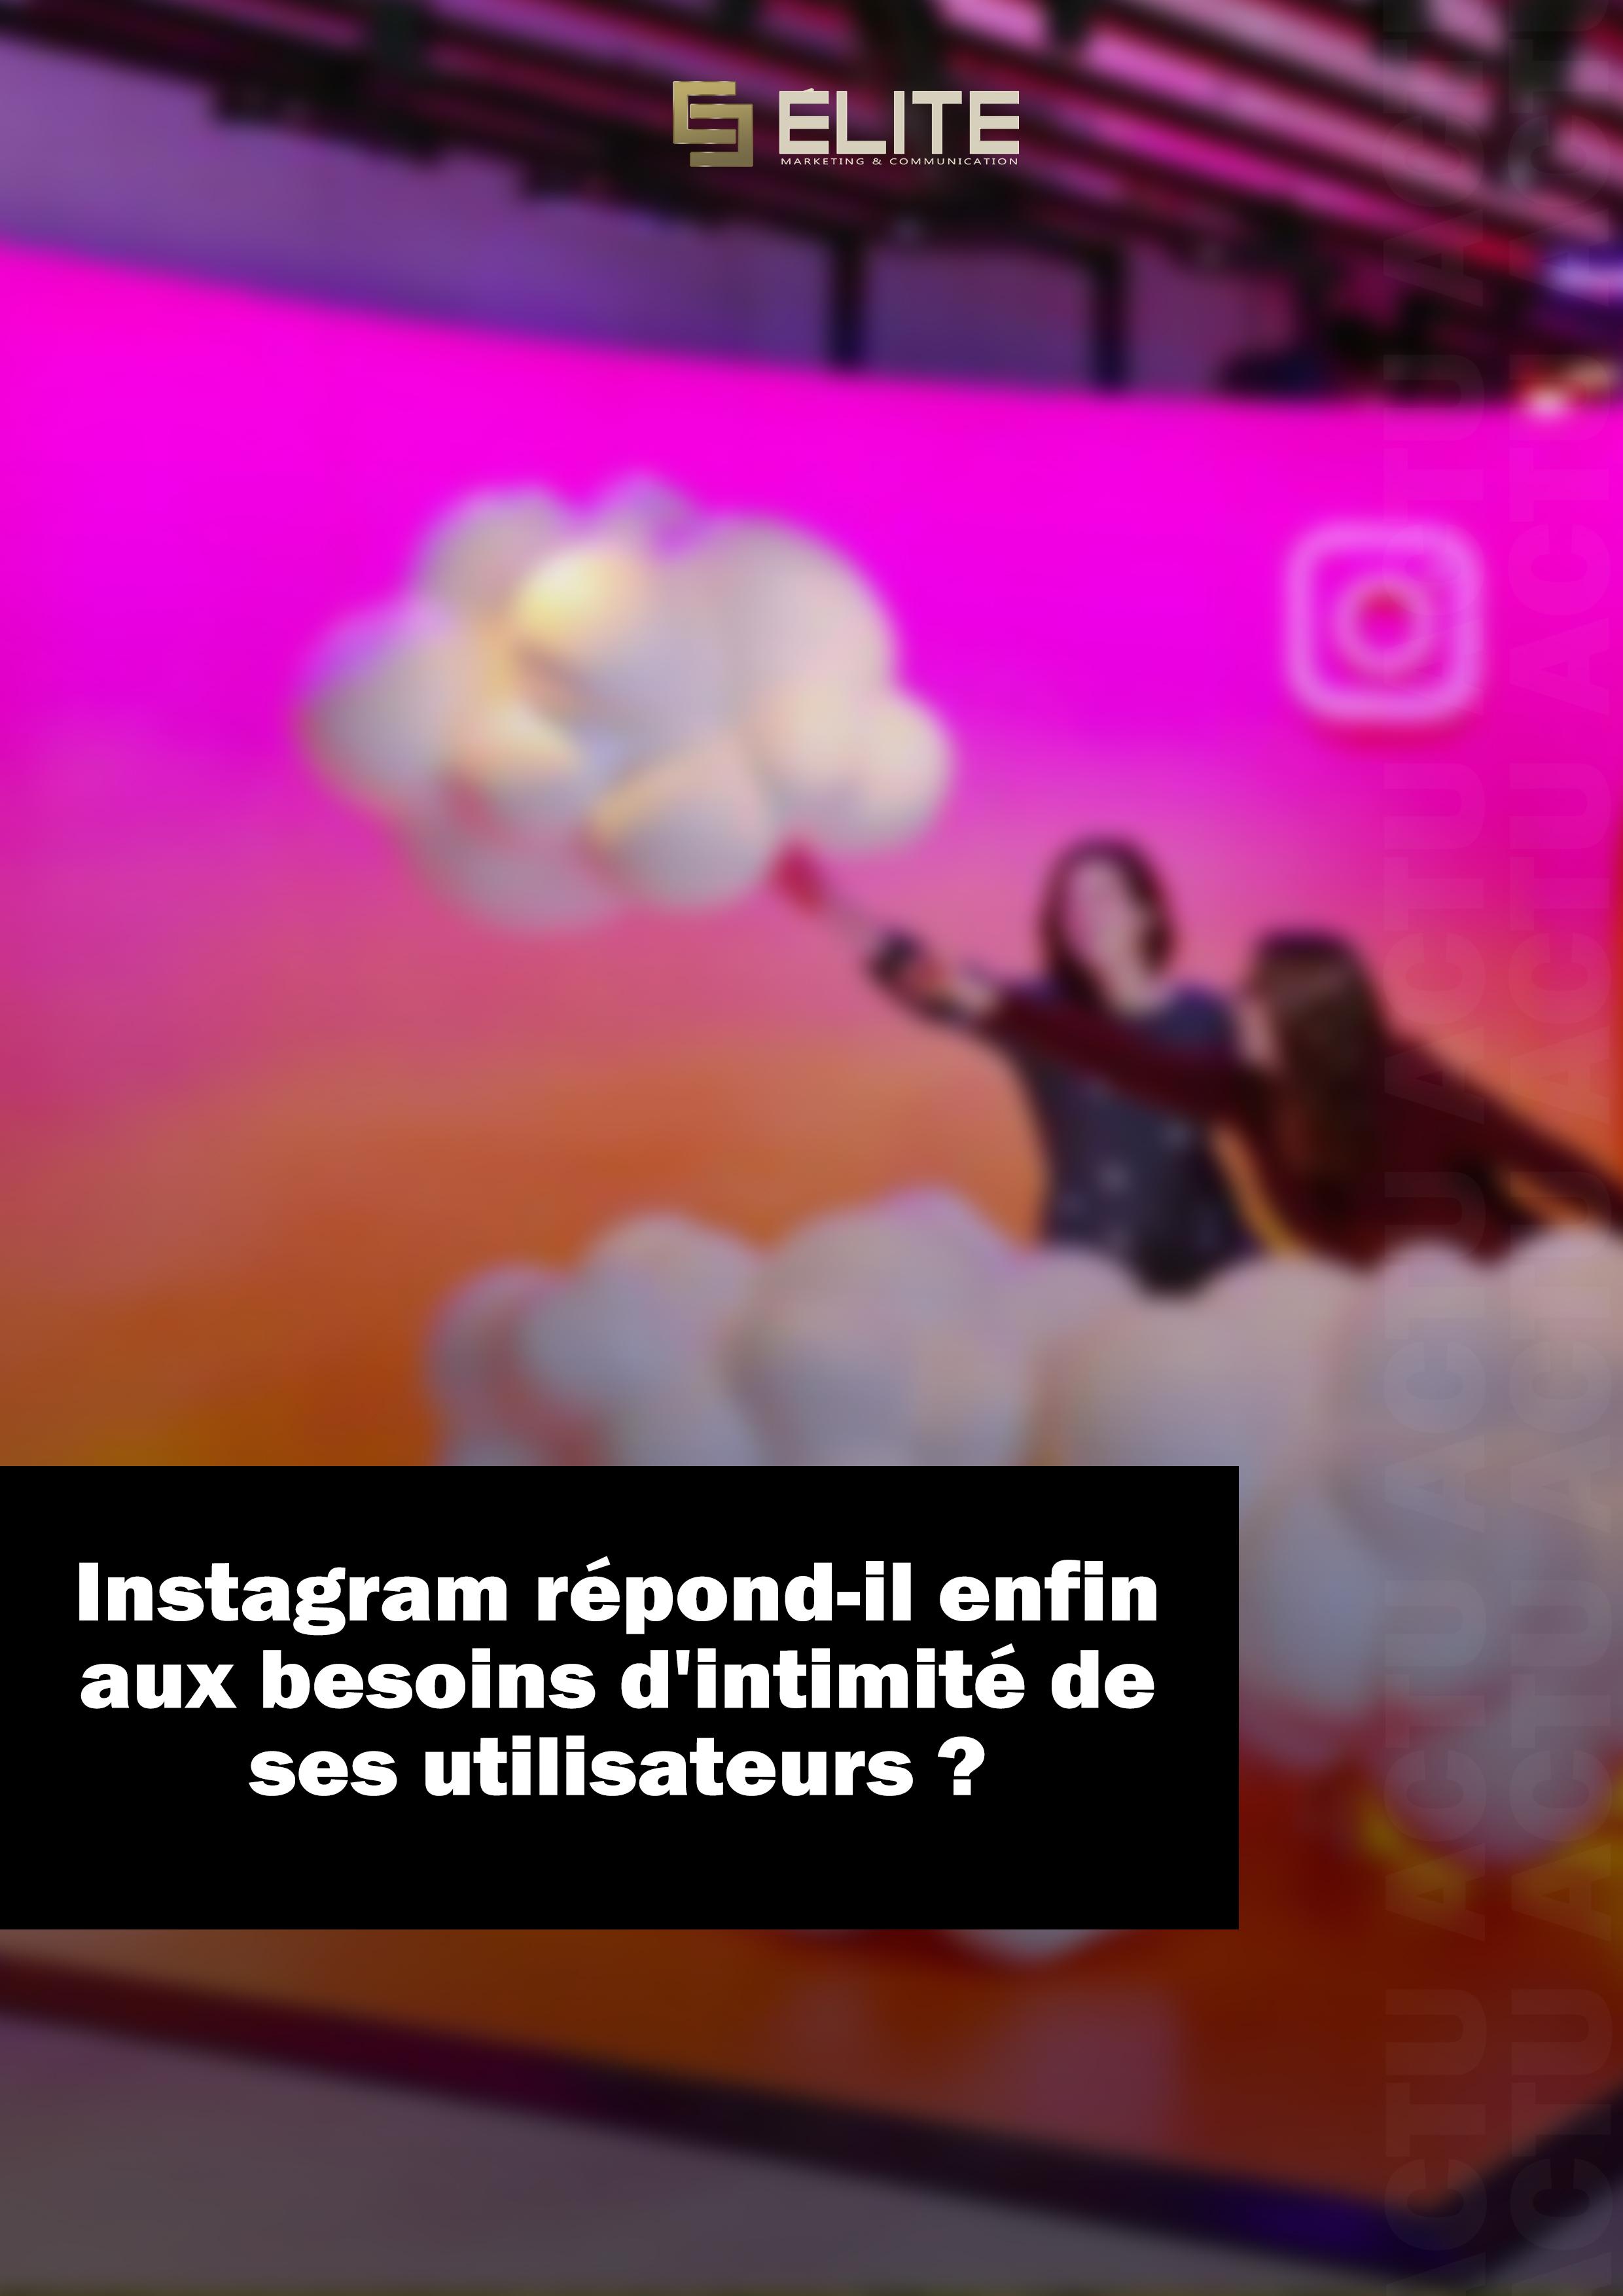 Instagram intimité